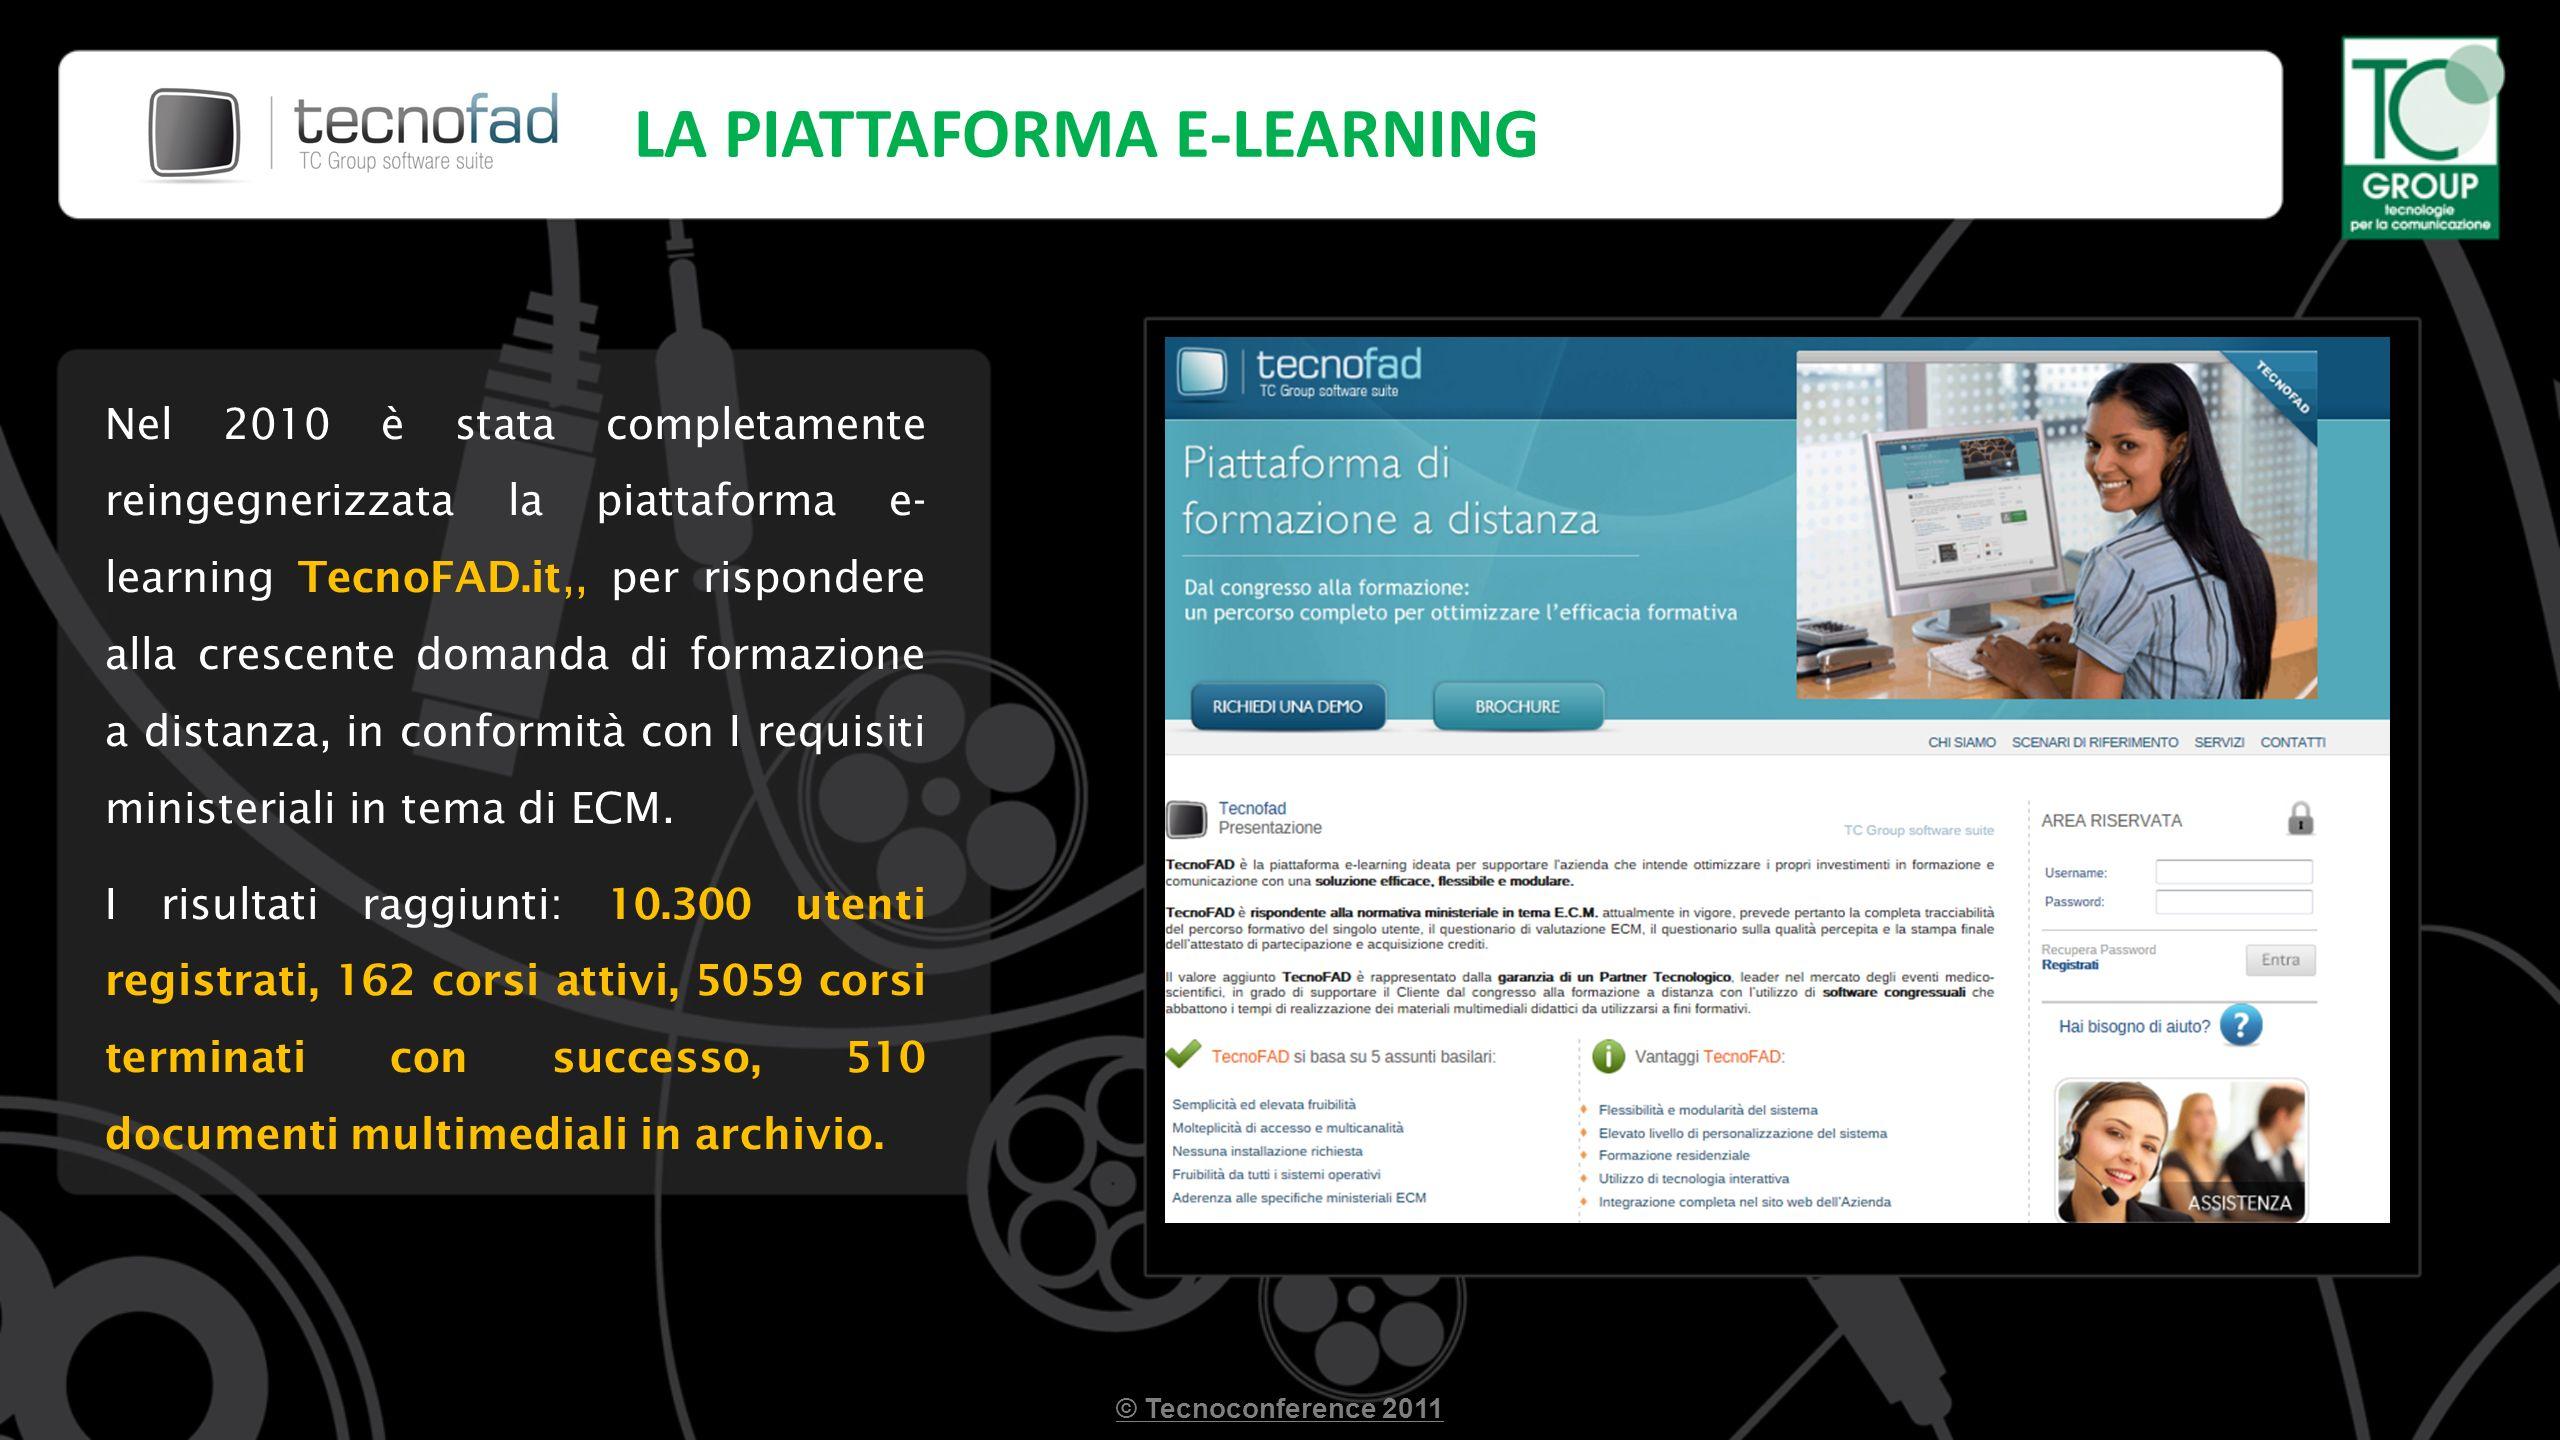 LA PIATTAFORMA E-LEARNING Nel 2010 è stata completamente reingegnerizzata la piattaforma e- learning TecnoFAD.it,, per rispondere alla crescente domanda di formazione a distanza, in conformità con I requisiti ministeriali in tema di ECM.